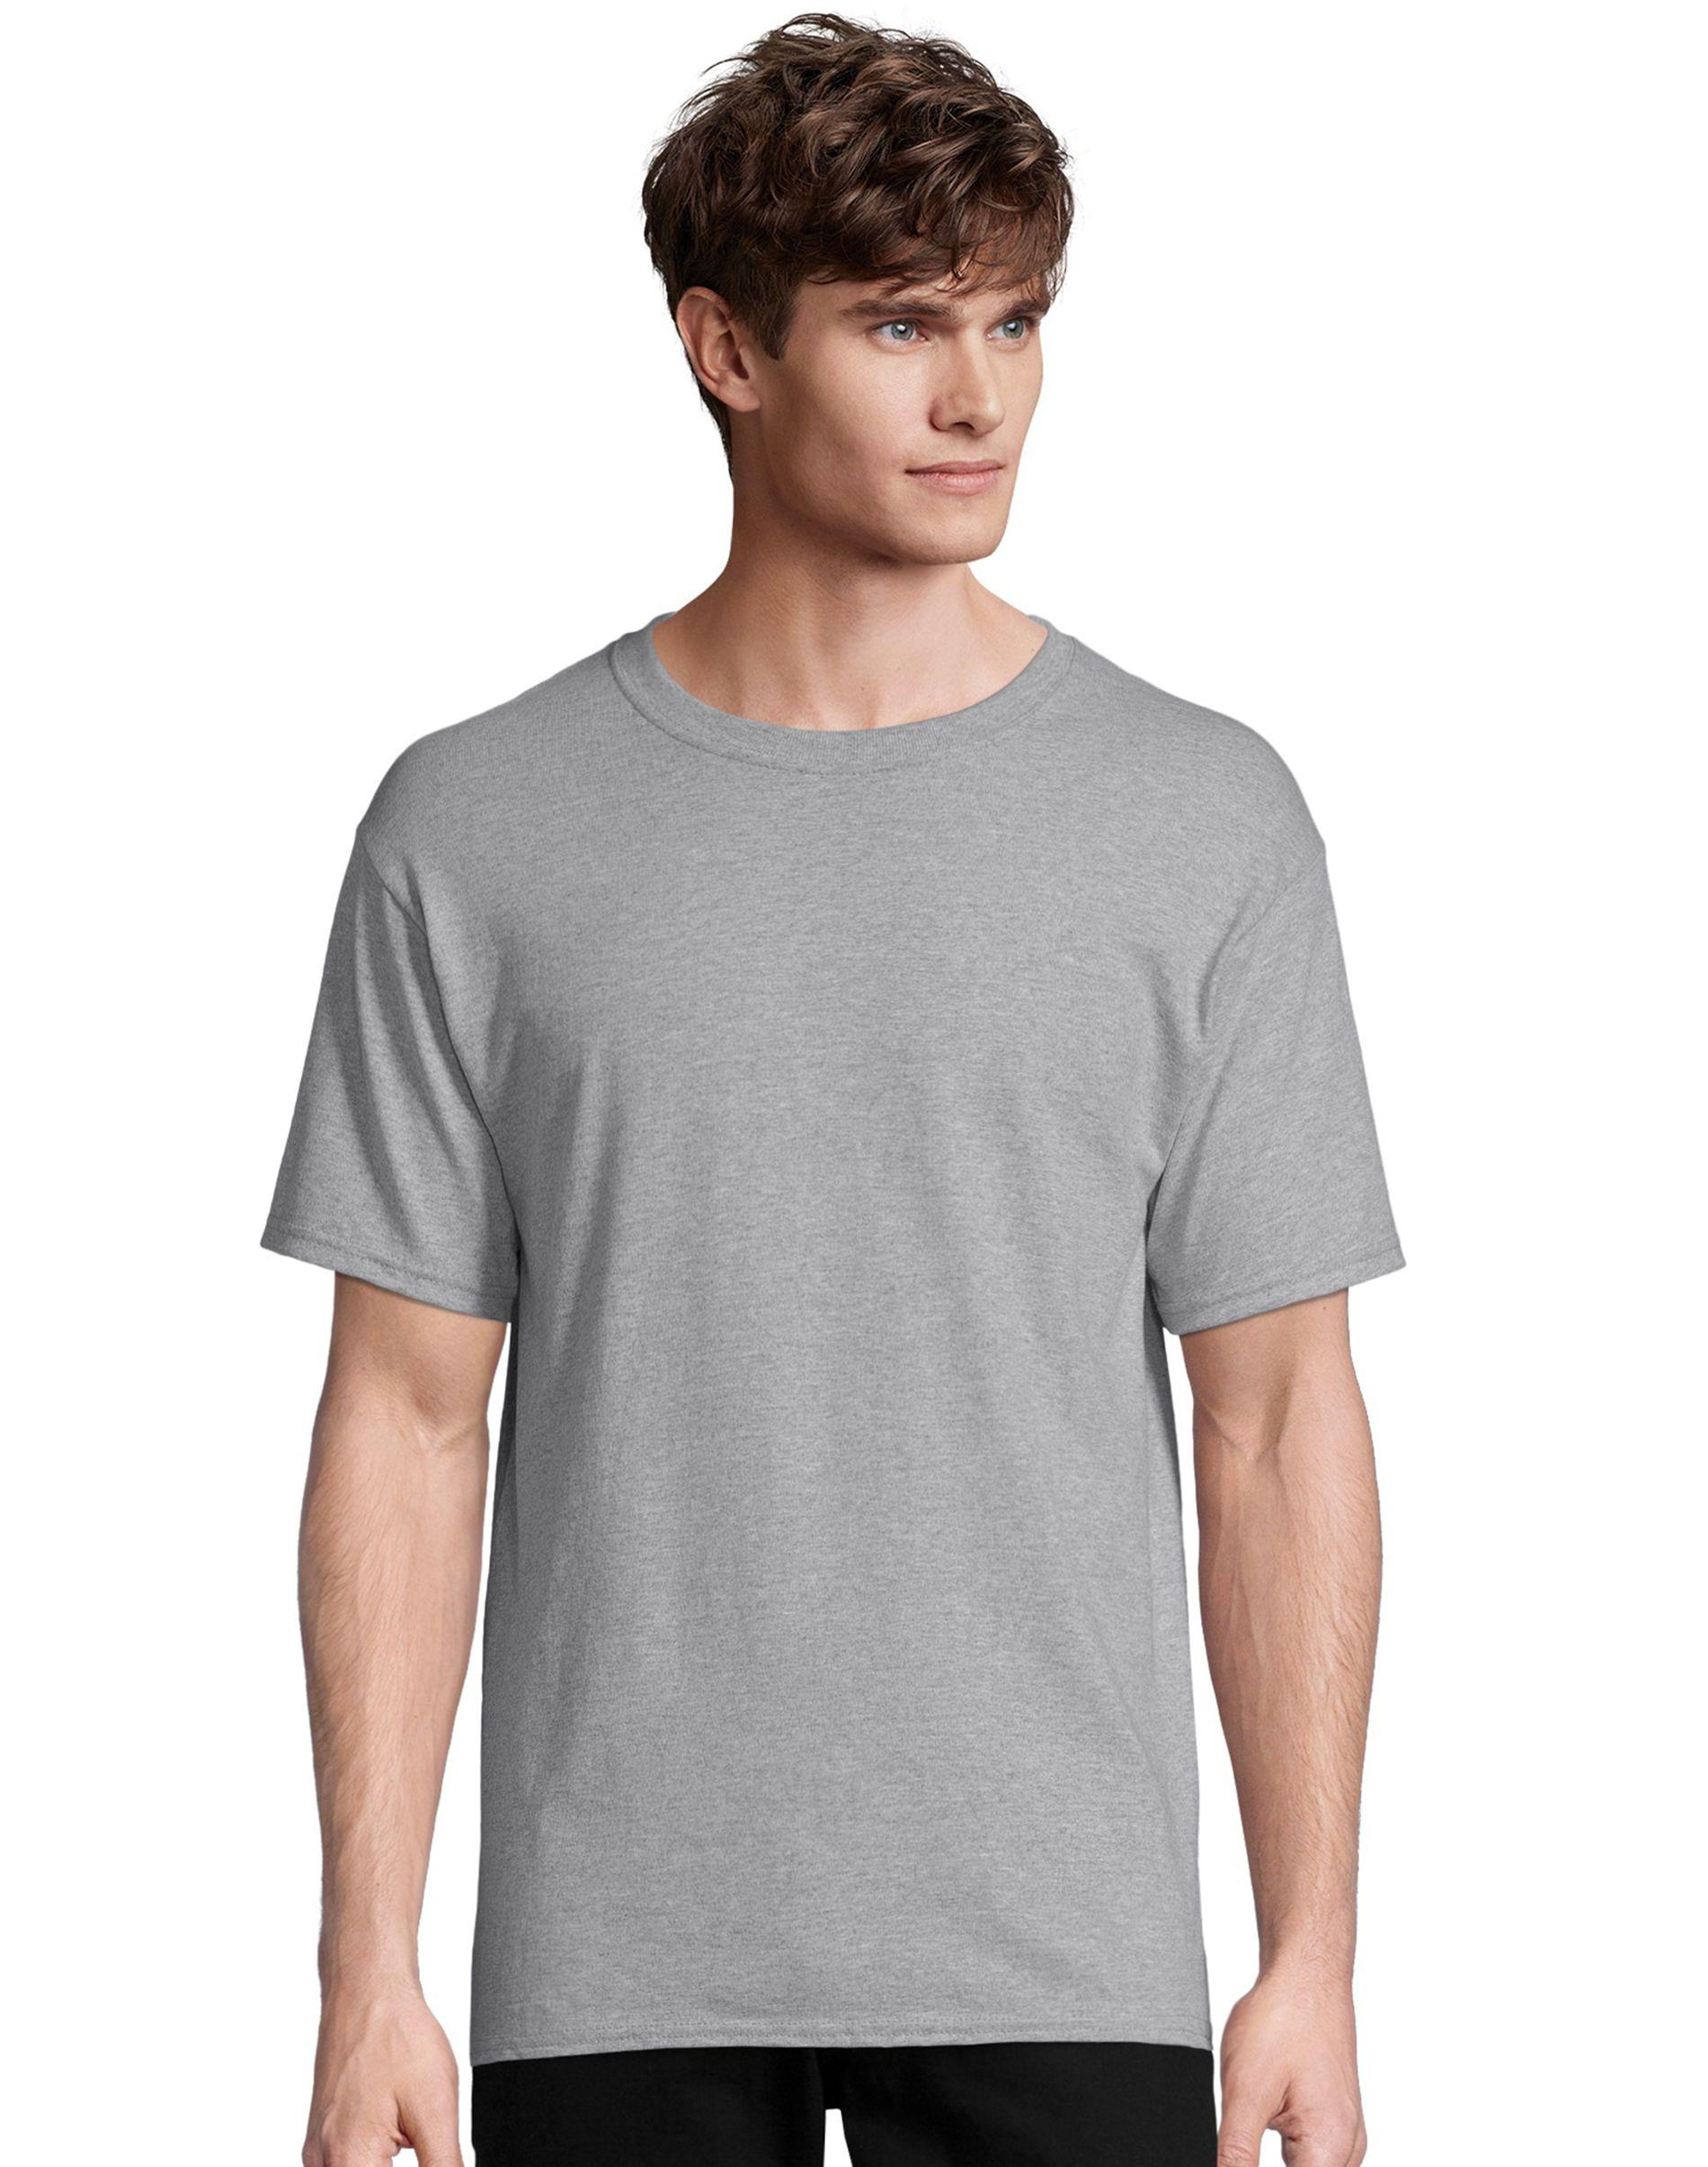 Hanes Men's TAGLESS® ComfortSoft® Crewneck T-Shirt men Hanes